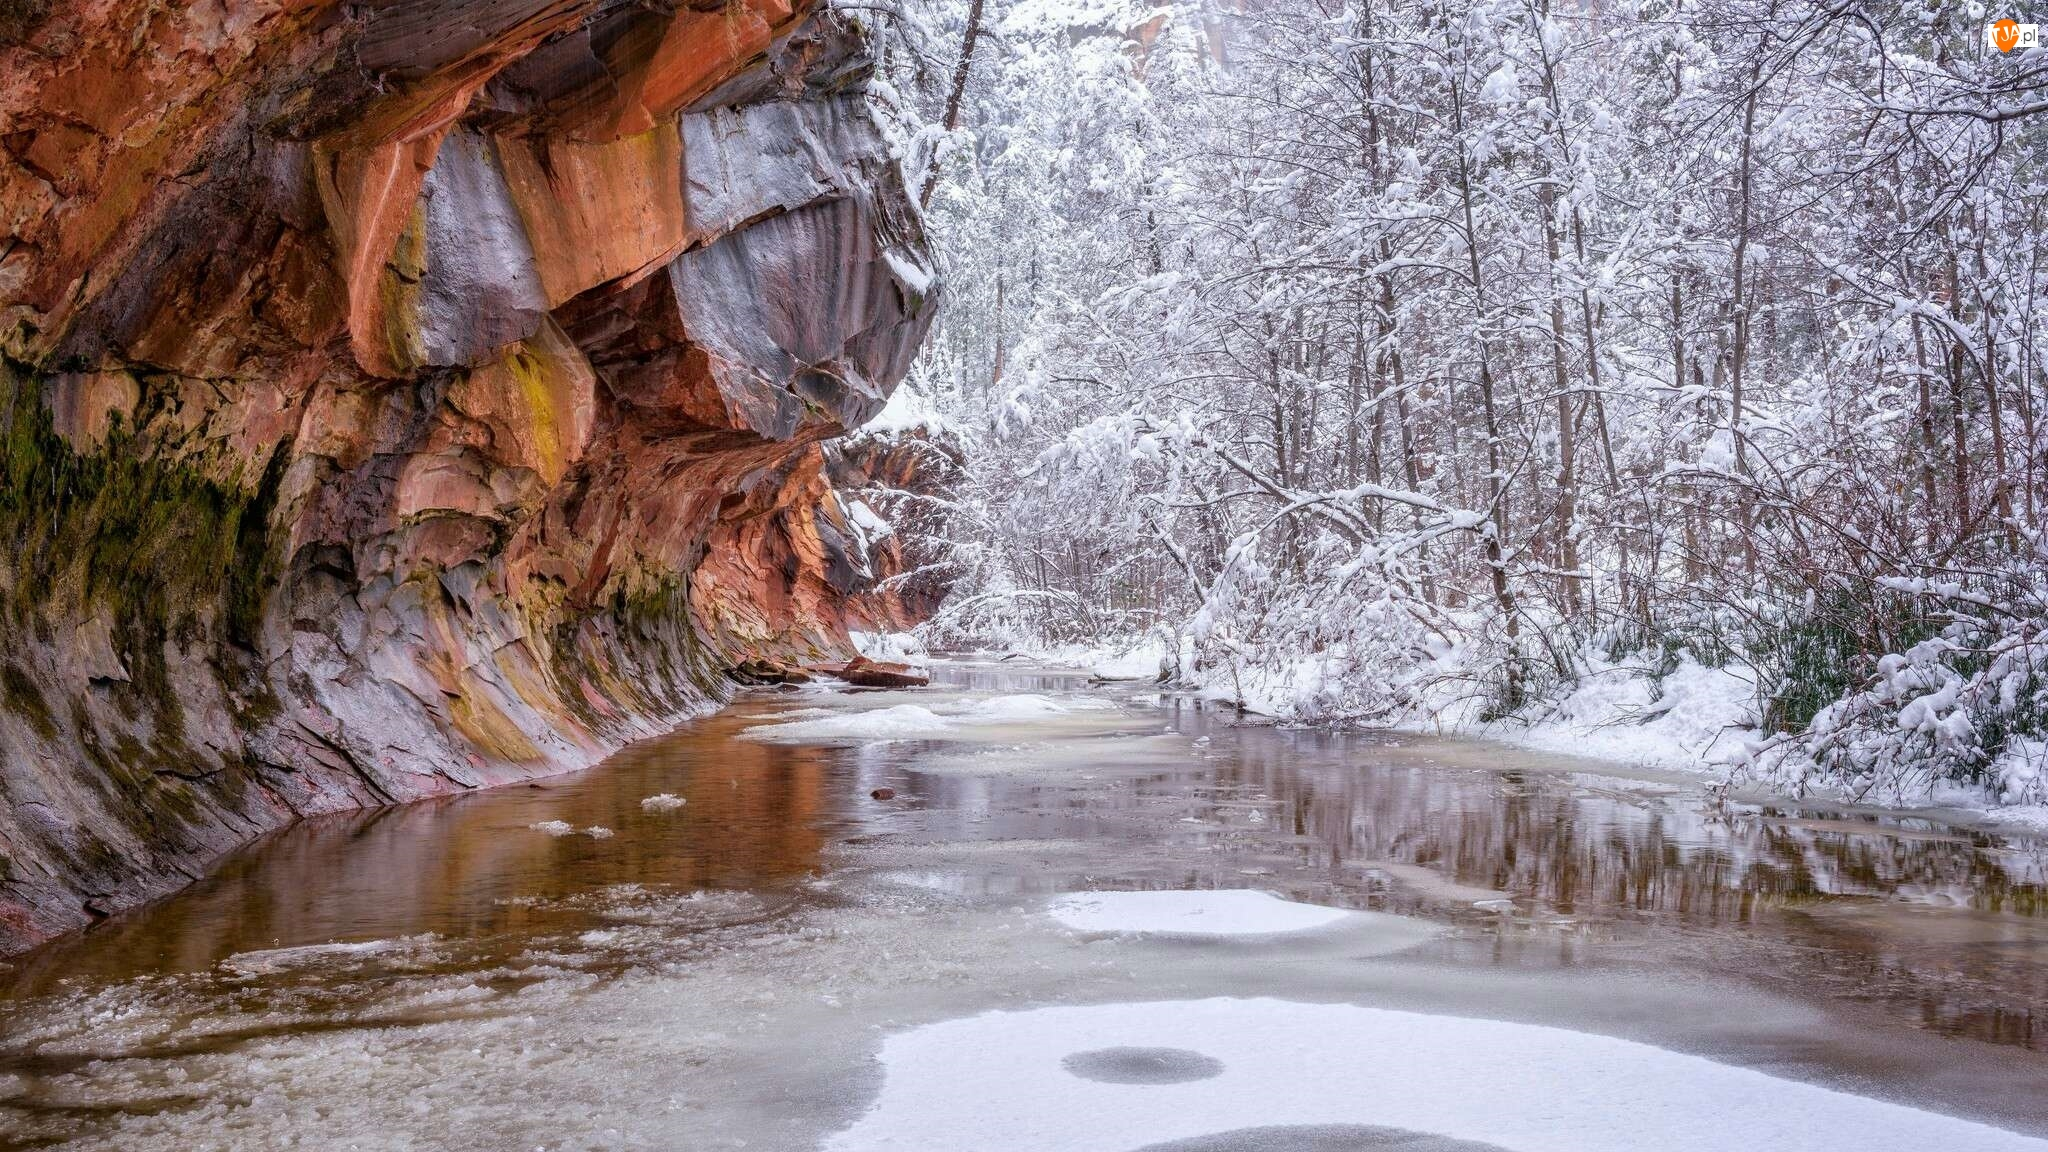 Ośnieżone, Szlak West Fork Oak Creek Trail, Drzewa, Arizona, Rzeka Oak Creek, Stany Zjednoczone, Skały, Sedona, Zima